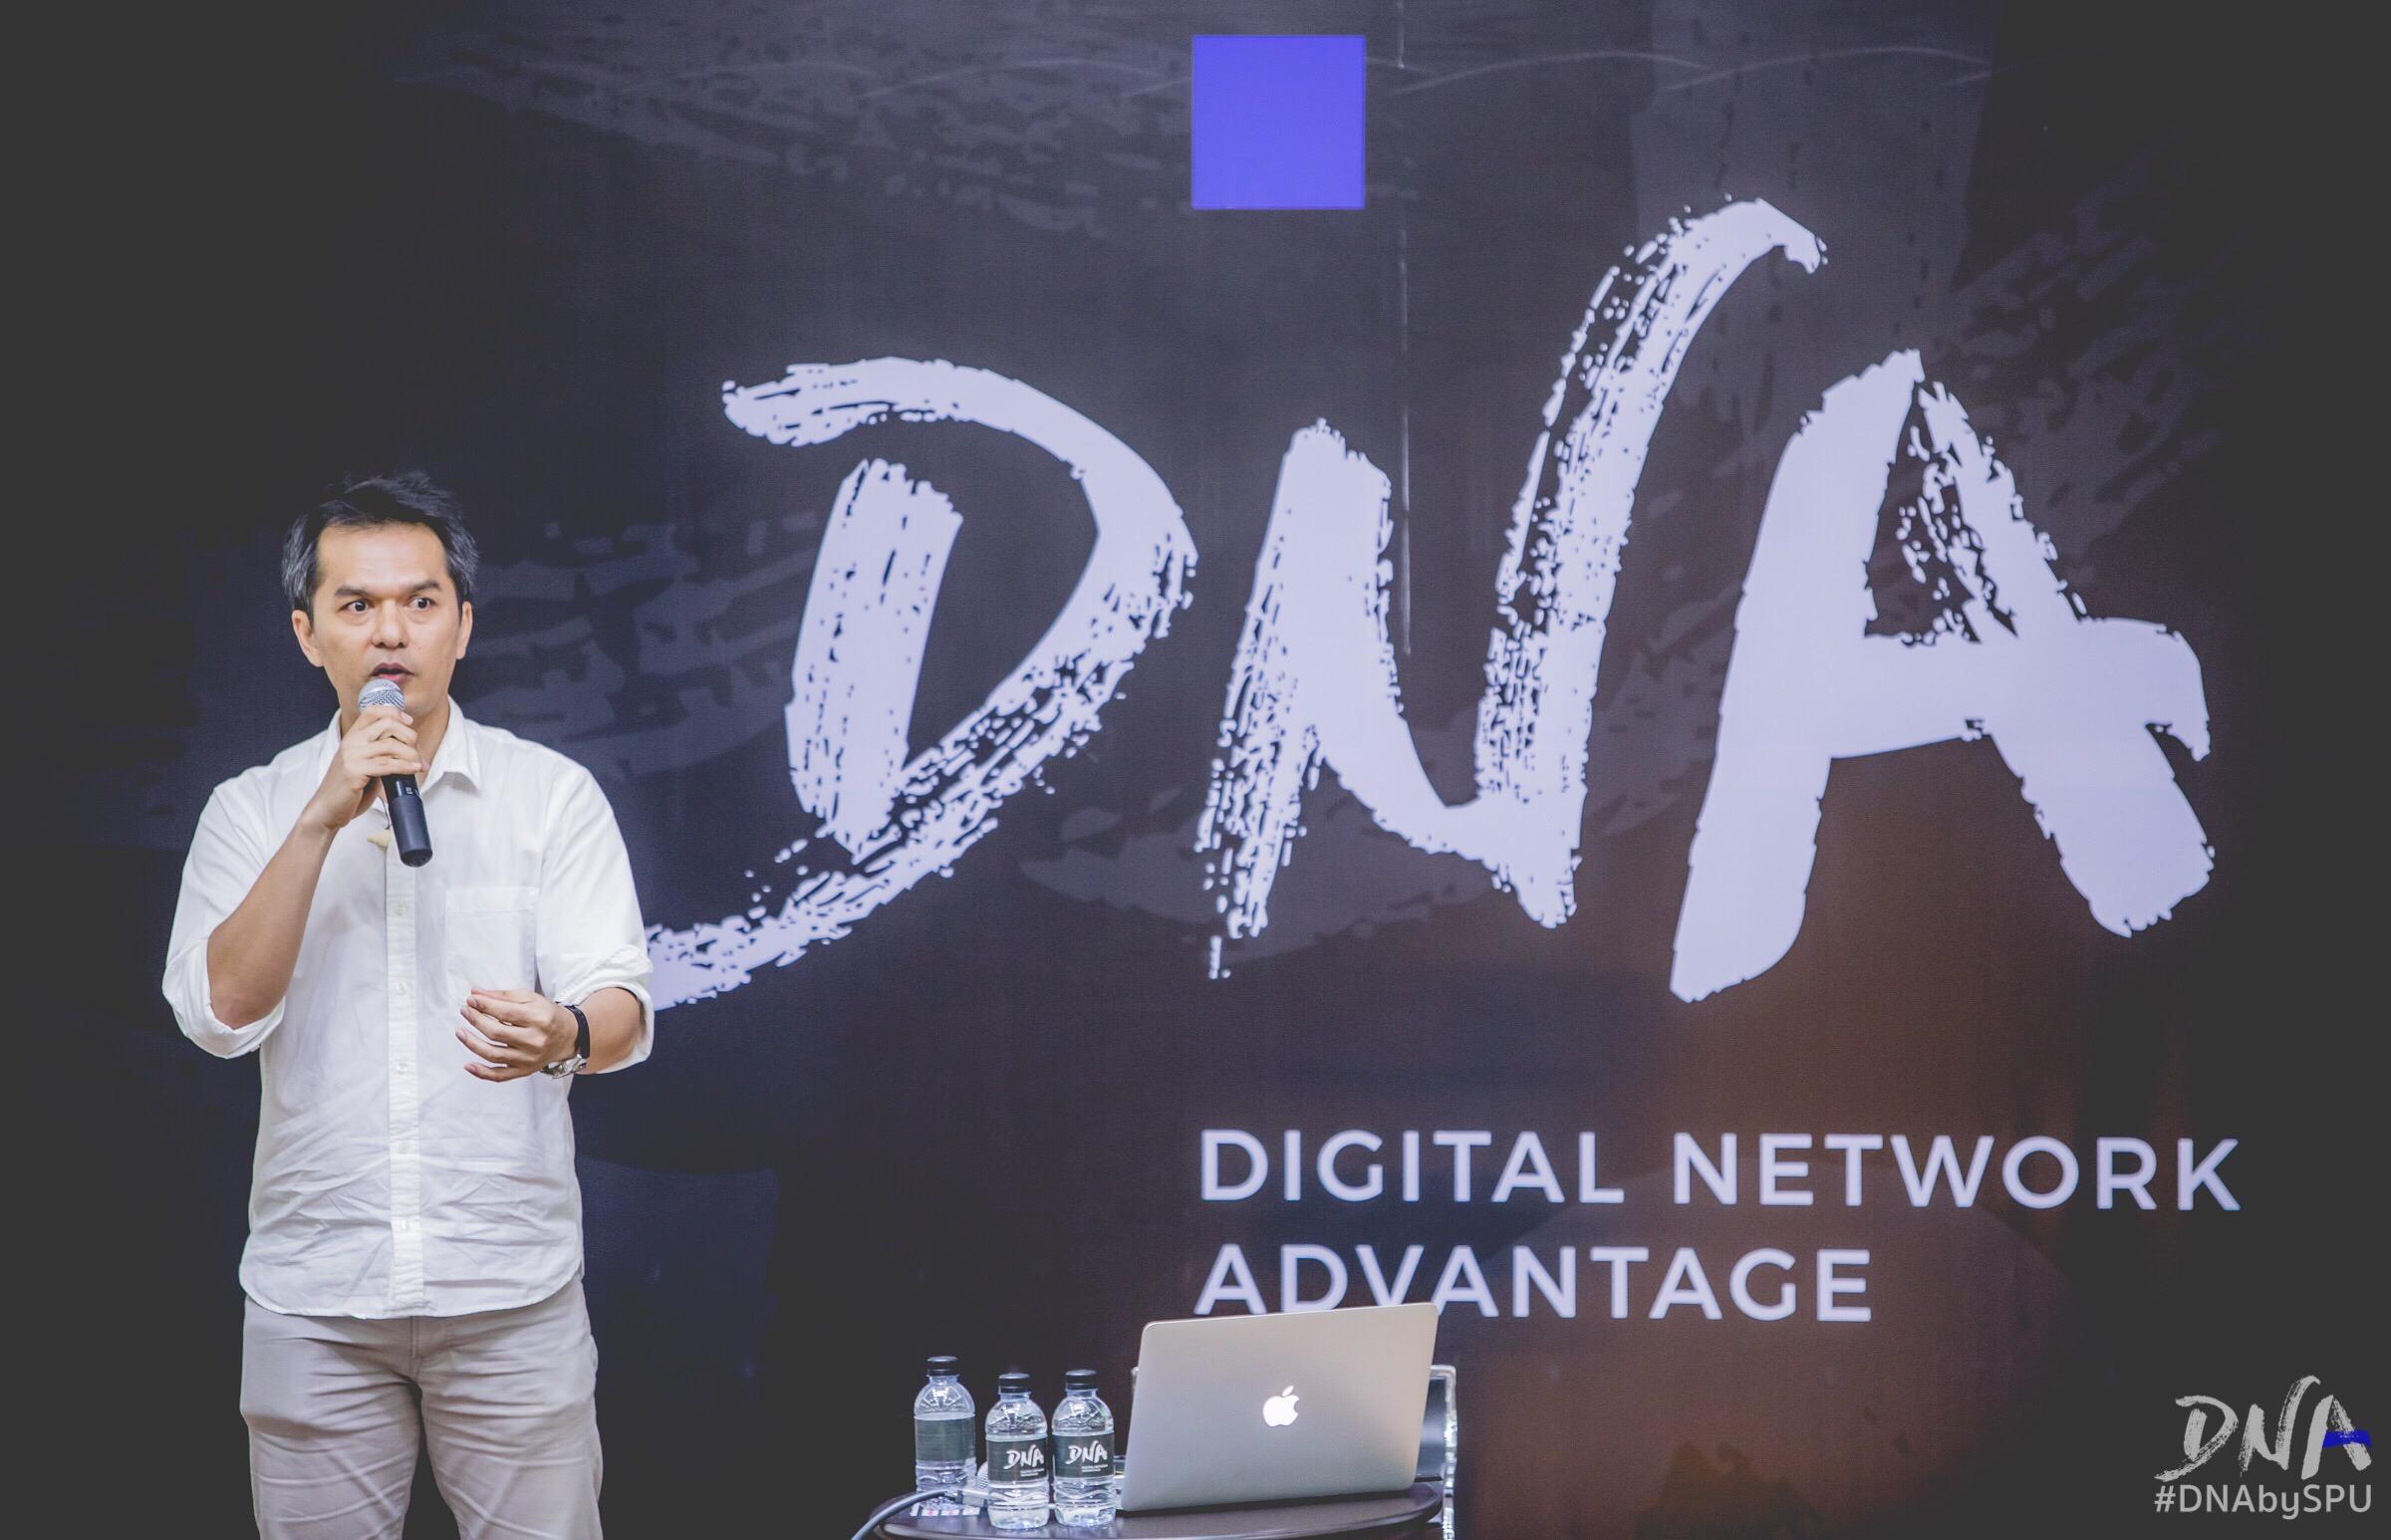 #DNAjournal EP.6 #DNAbySPU [Small is beautiful … ยิ่งเล็กน้อยยิ่งงดงาม] :: คุณหนุ่ม อำนาจ รัตนมณี ผู้ก่อตั้งร้านหนังสือเดินทาง